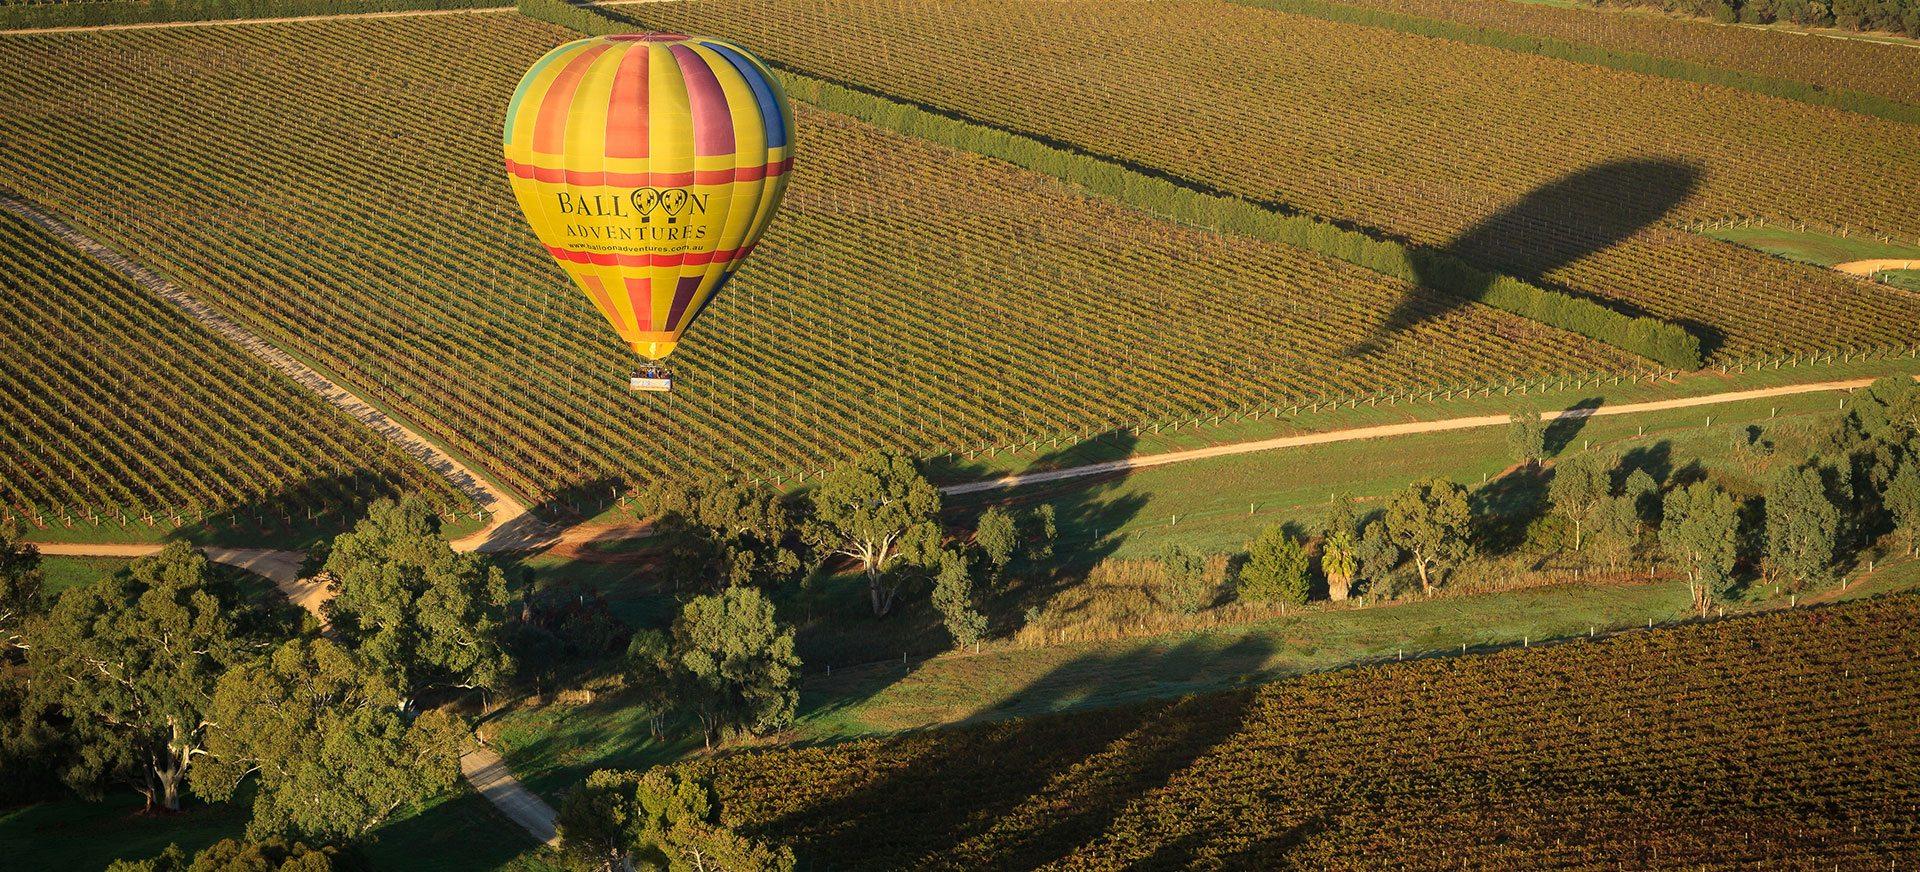 balloon-adventures-barossa-valley-hot-air-balloon-flights-scenic-gallery-21